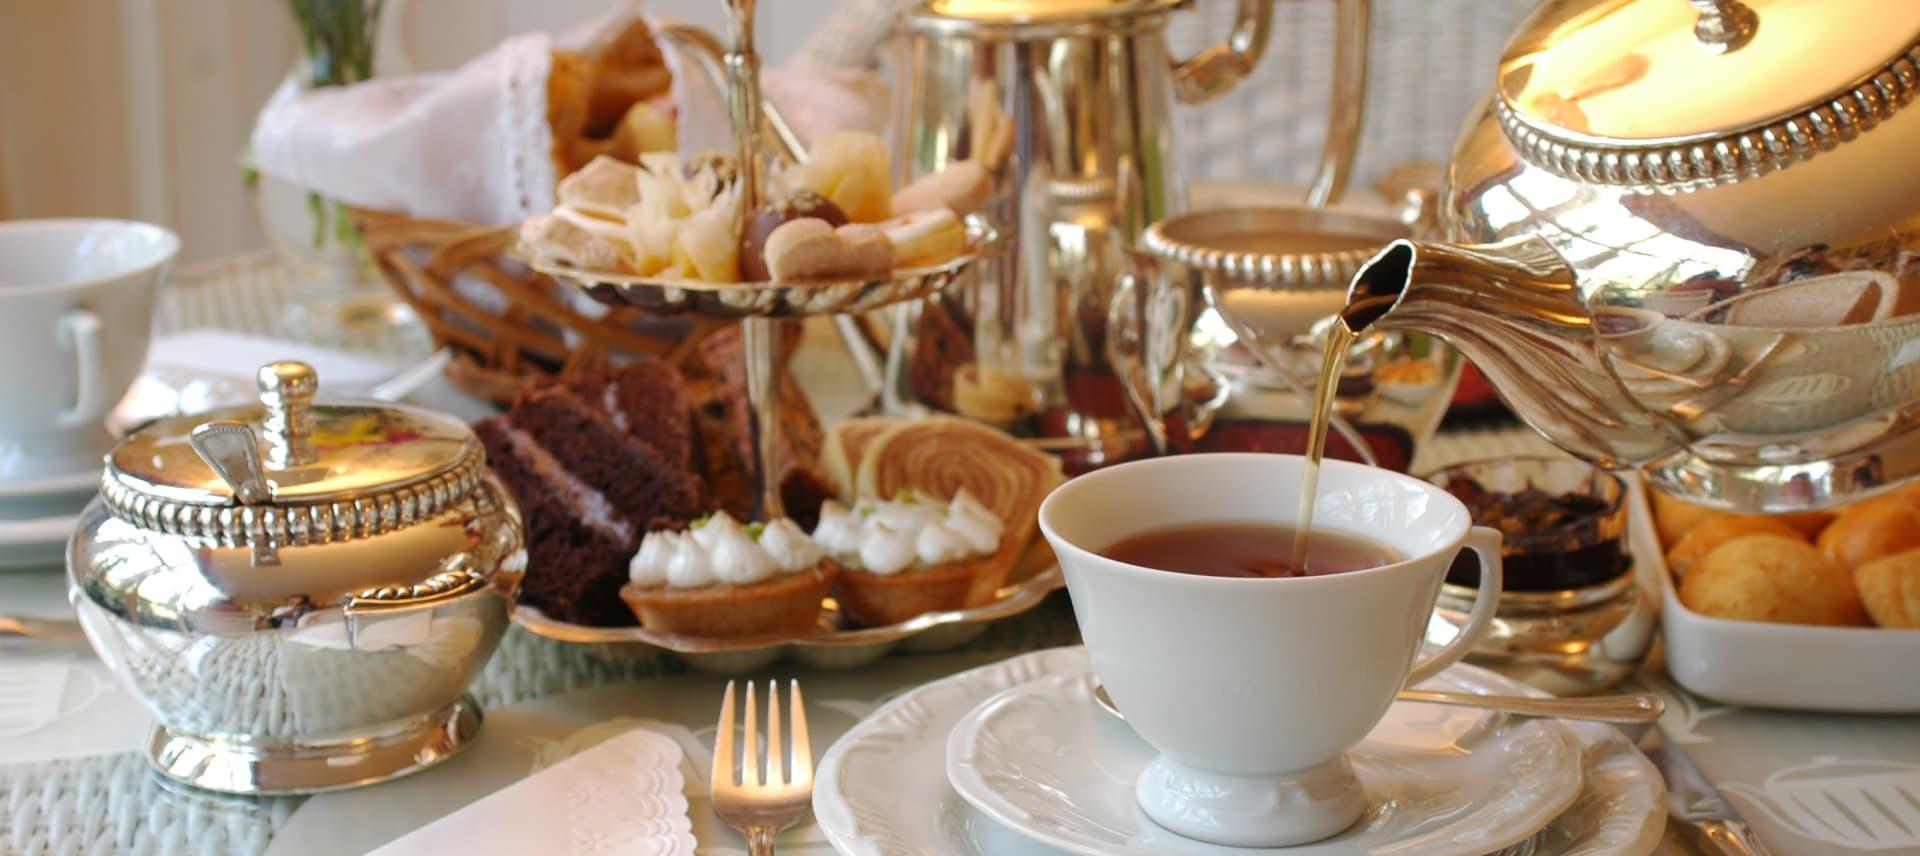 Afternoon Tea er den perfekte rammen for en hyggelig stund med gode venner.